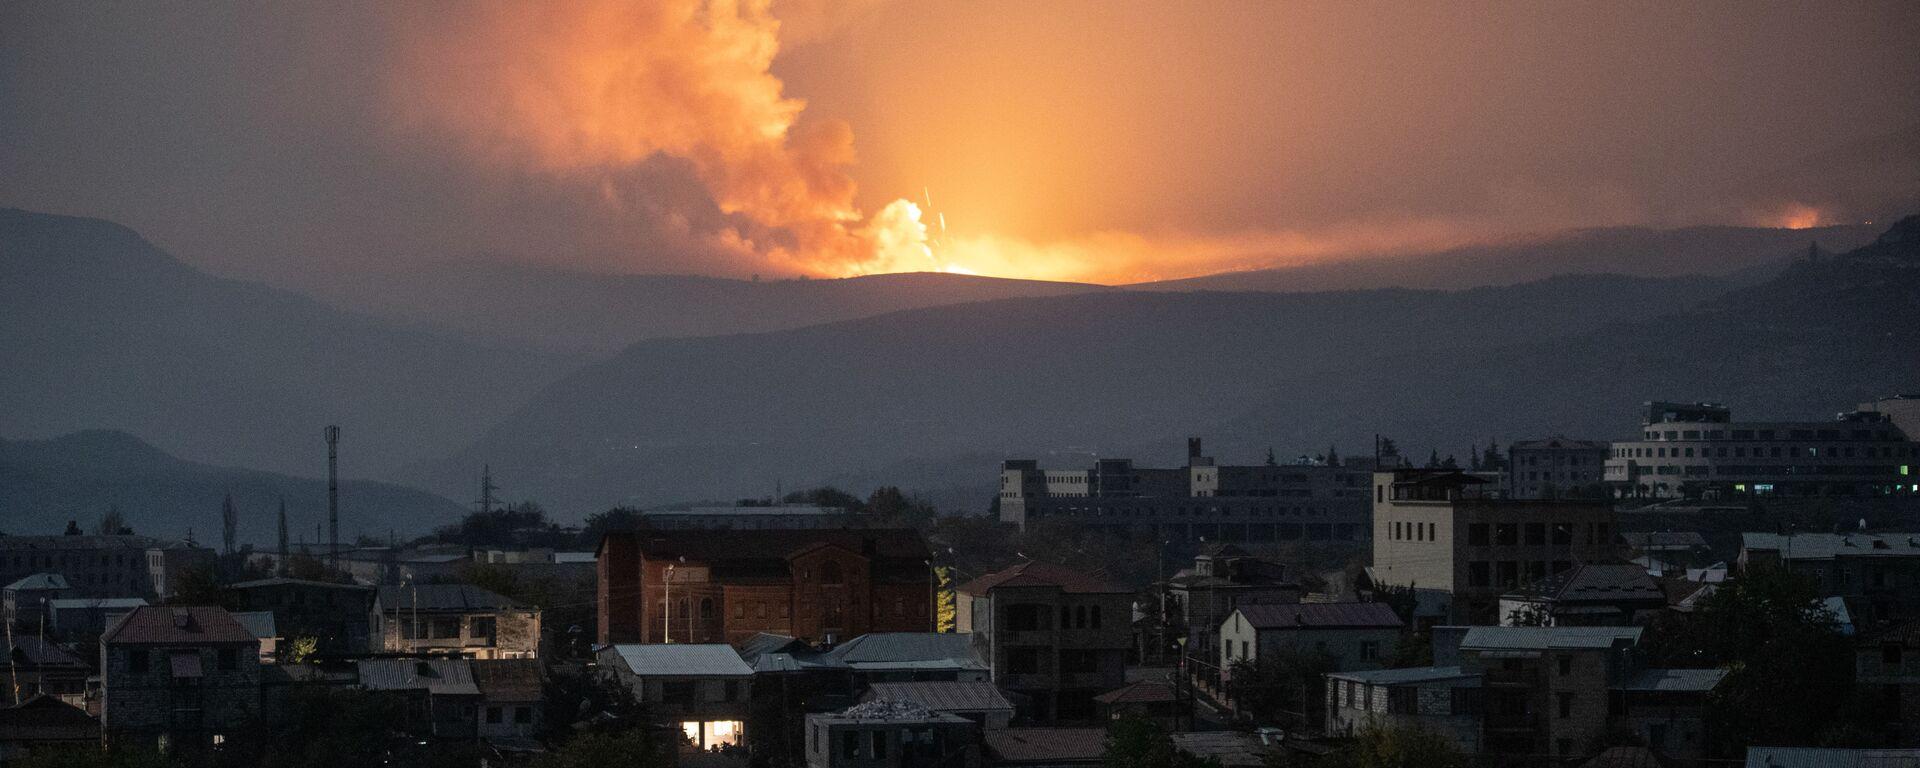 Výbuch poblíž Stěpanakertu - Sputnik Česká republika, 1920, 02.02.2021